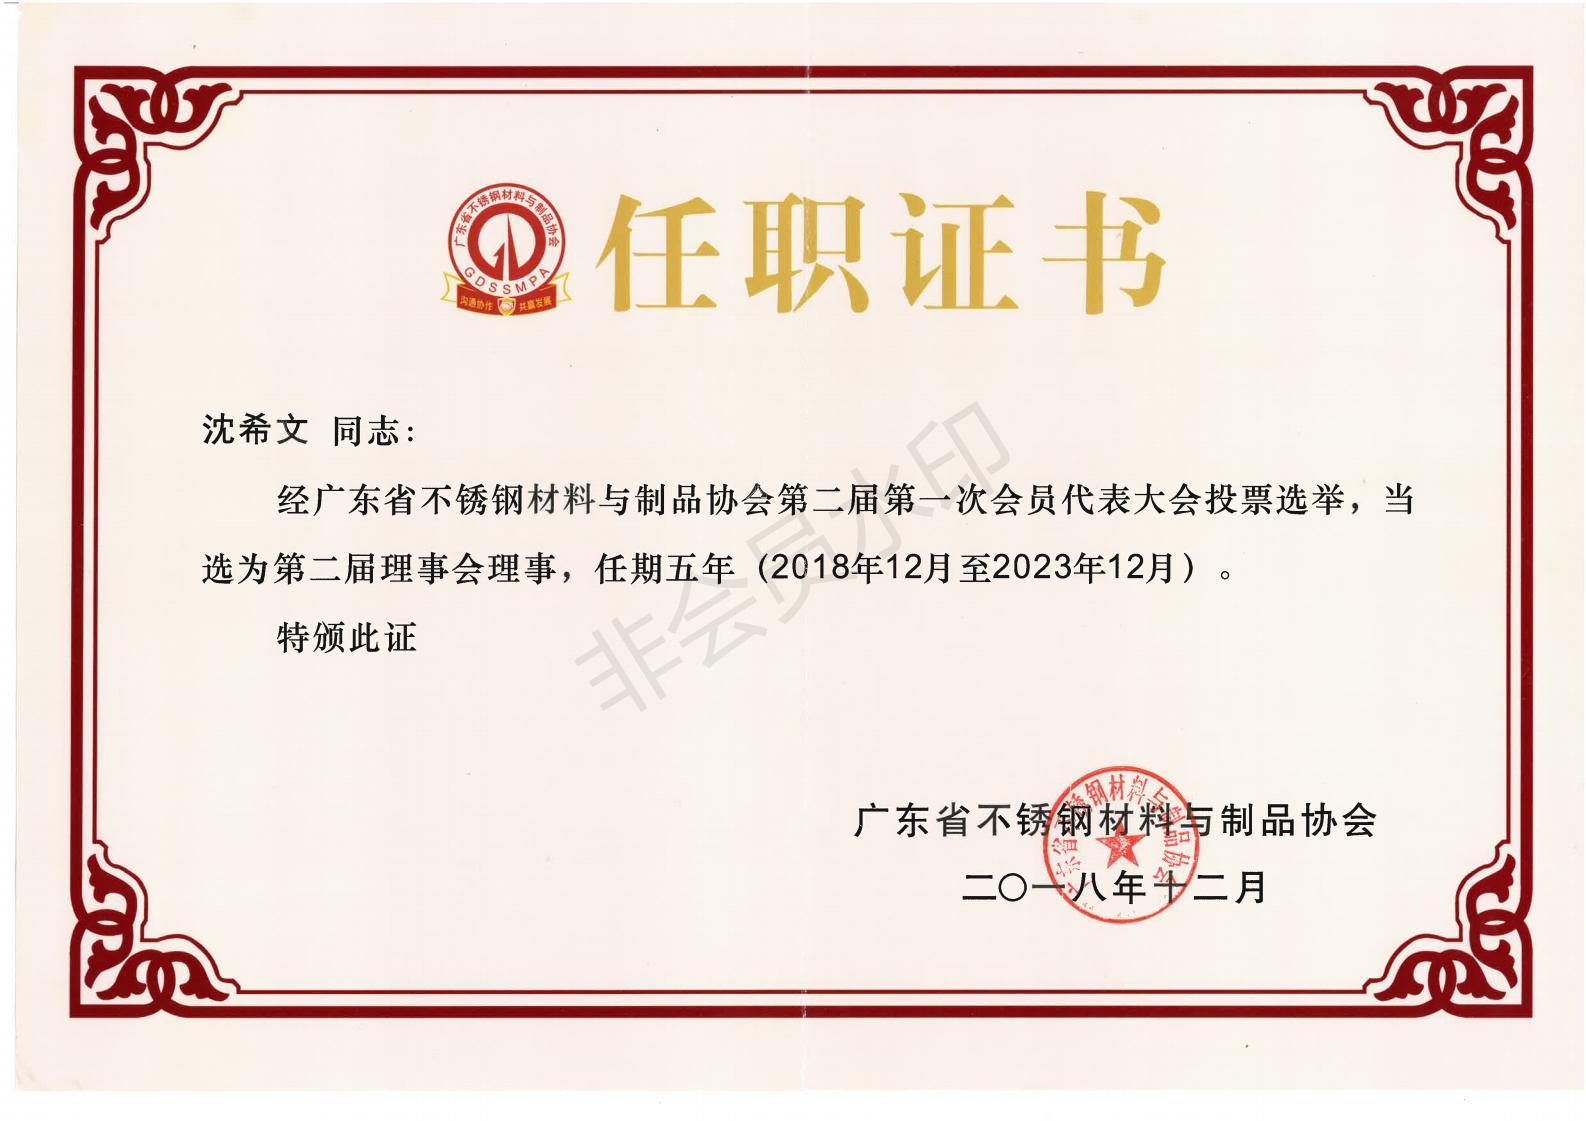 祝贺我司沈总经理当选广东省不锈钢材料与制品协会理事会理事